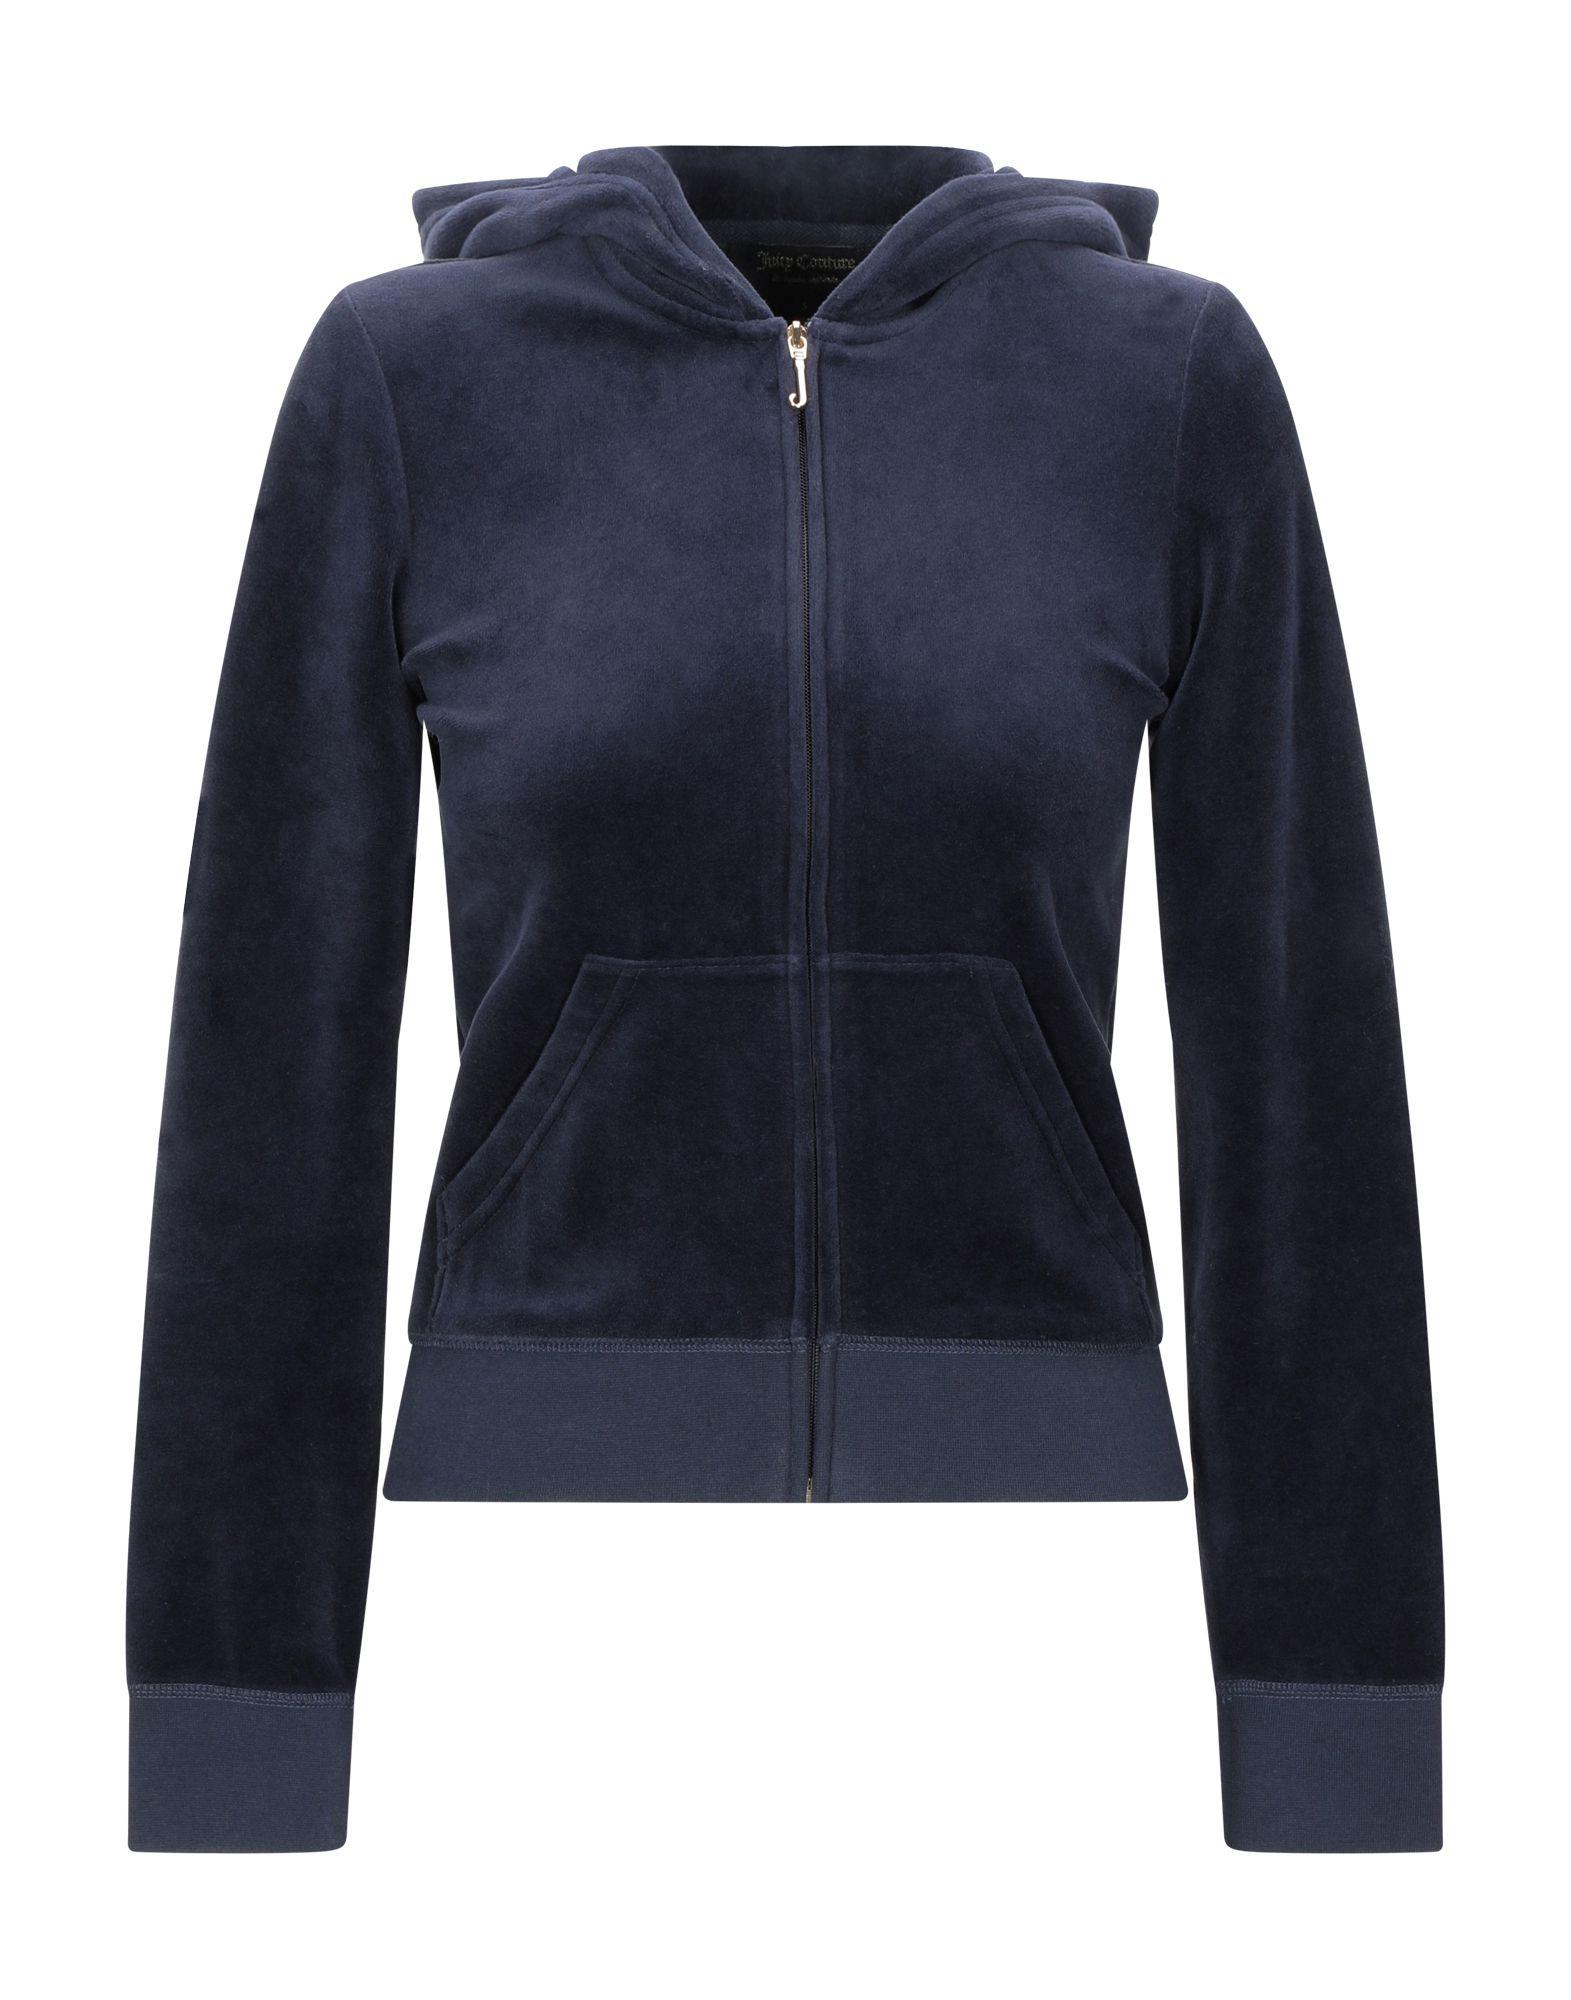 《送料無料》JUICY COUTURE レディース スウェットシャツ ダークブルー XS コットン 78% / ポリエステル 22%